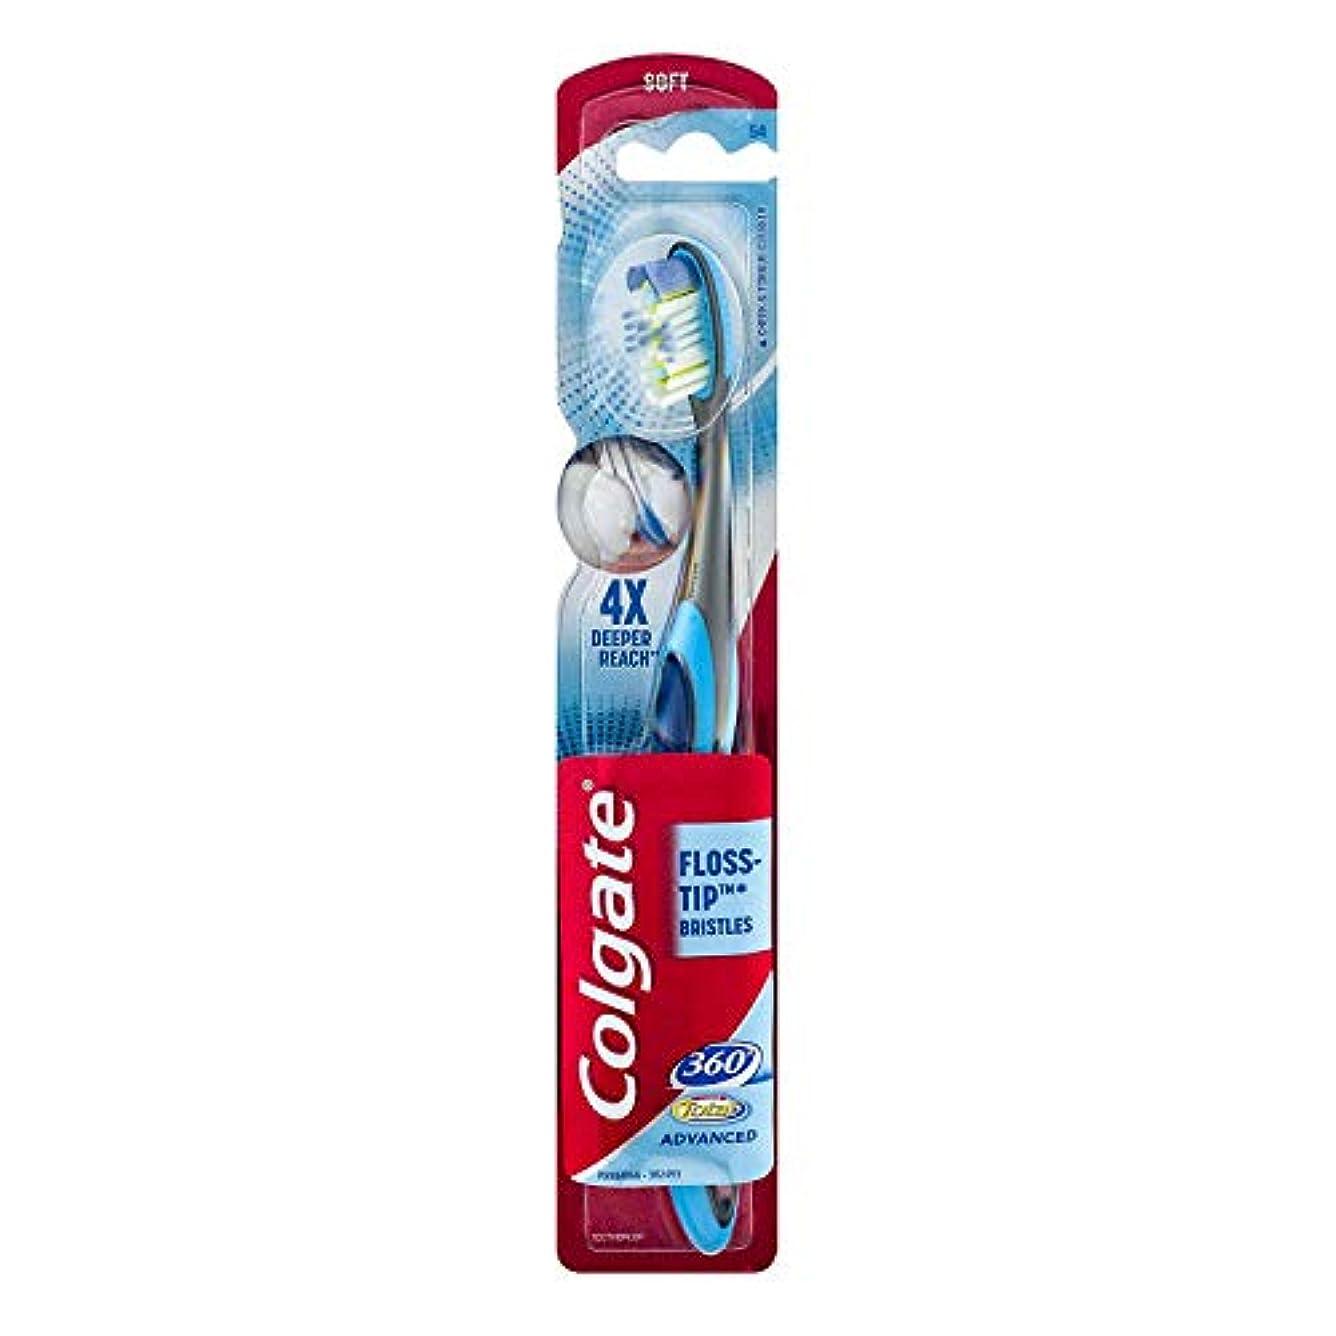 蒸留するかんたんColgate 360合計先進FLOSS-ヒント歯ブラシ、完全な頭部ソフト1 Eaは 1パック